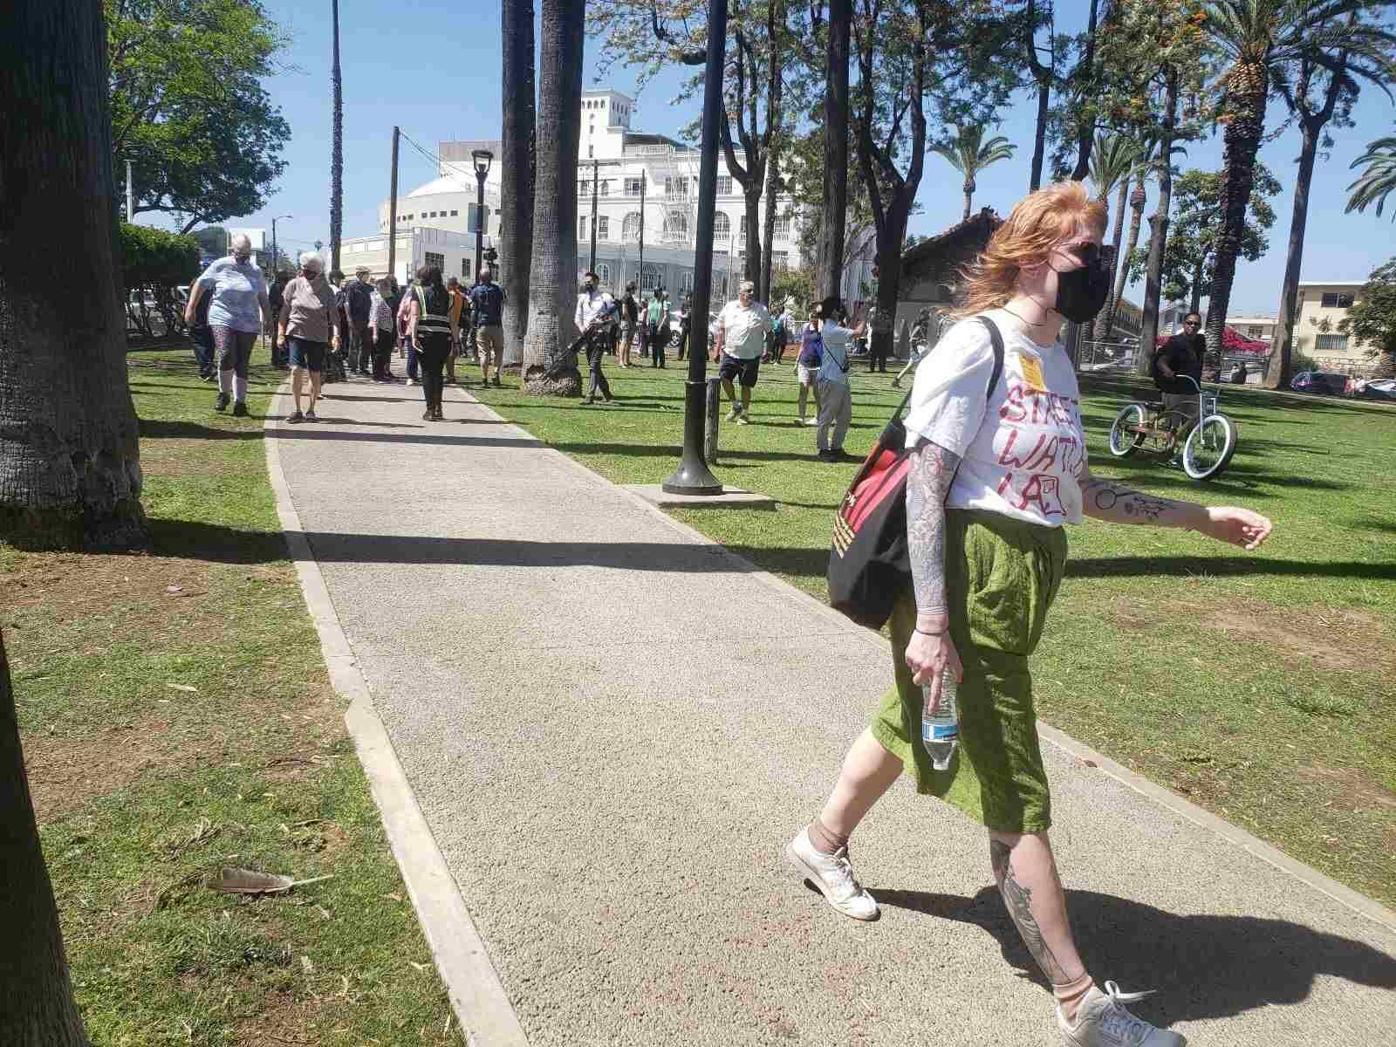 Crowds enter Echo Park Lake